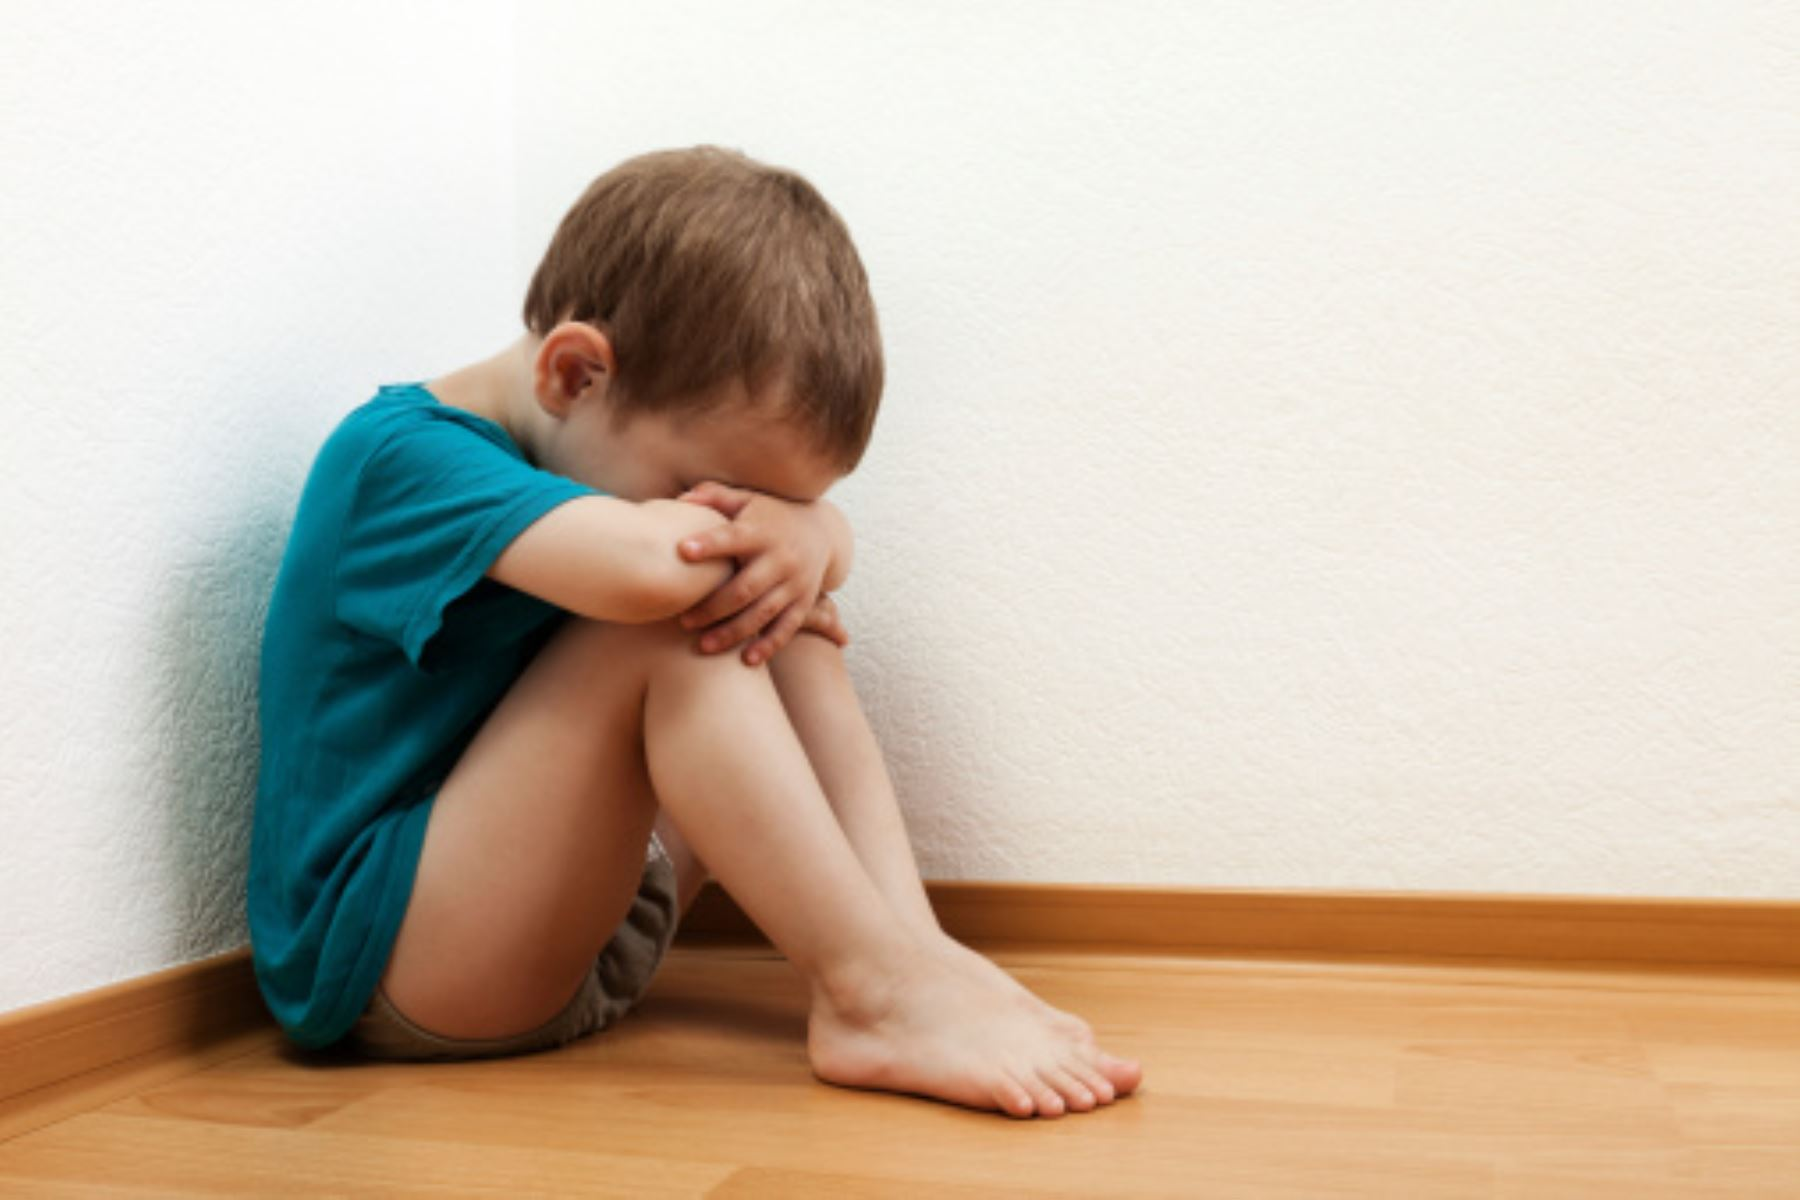 Hay mucho por hacer para erradicar el castigo físico y humillantes contra niños. Foto: Internet/Medios